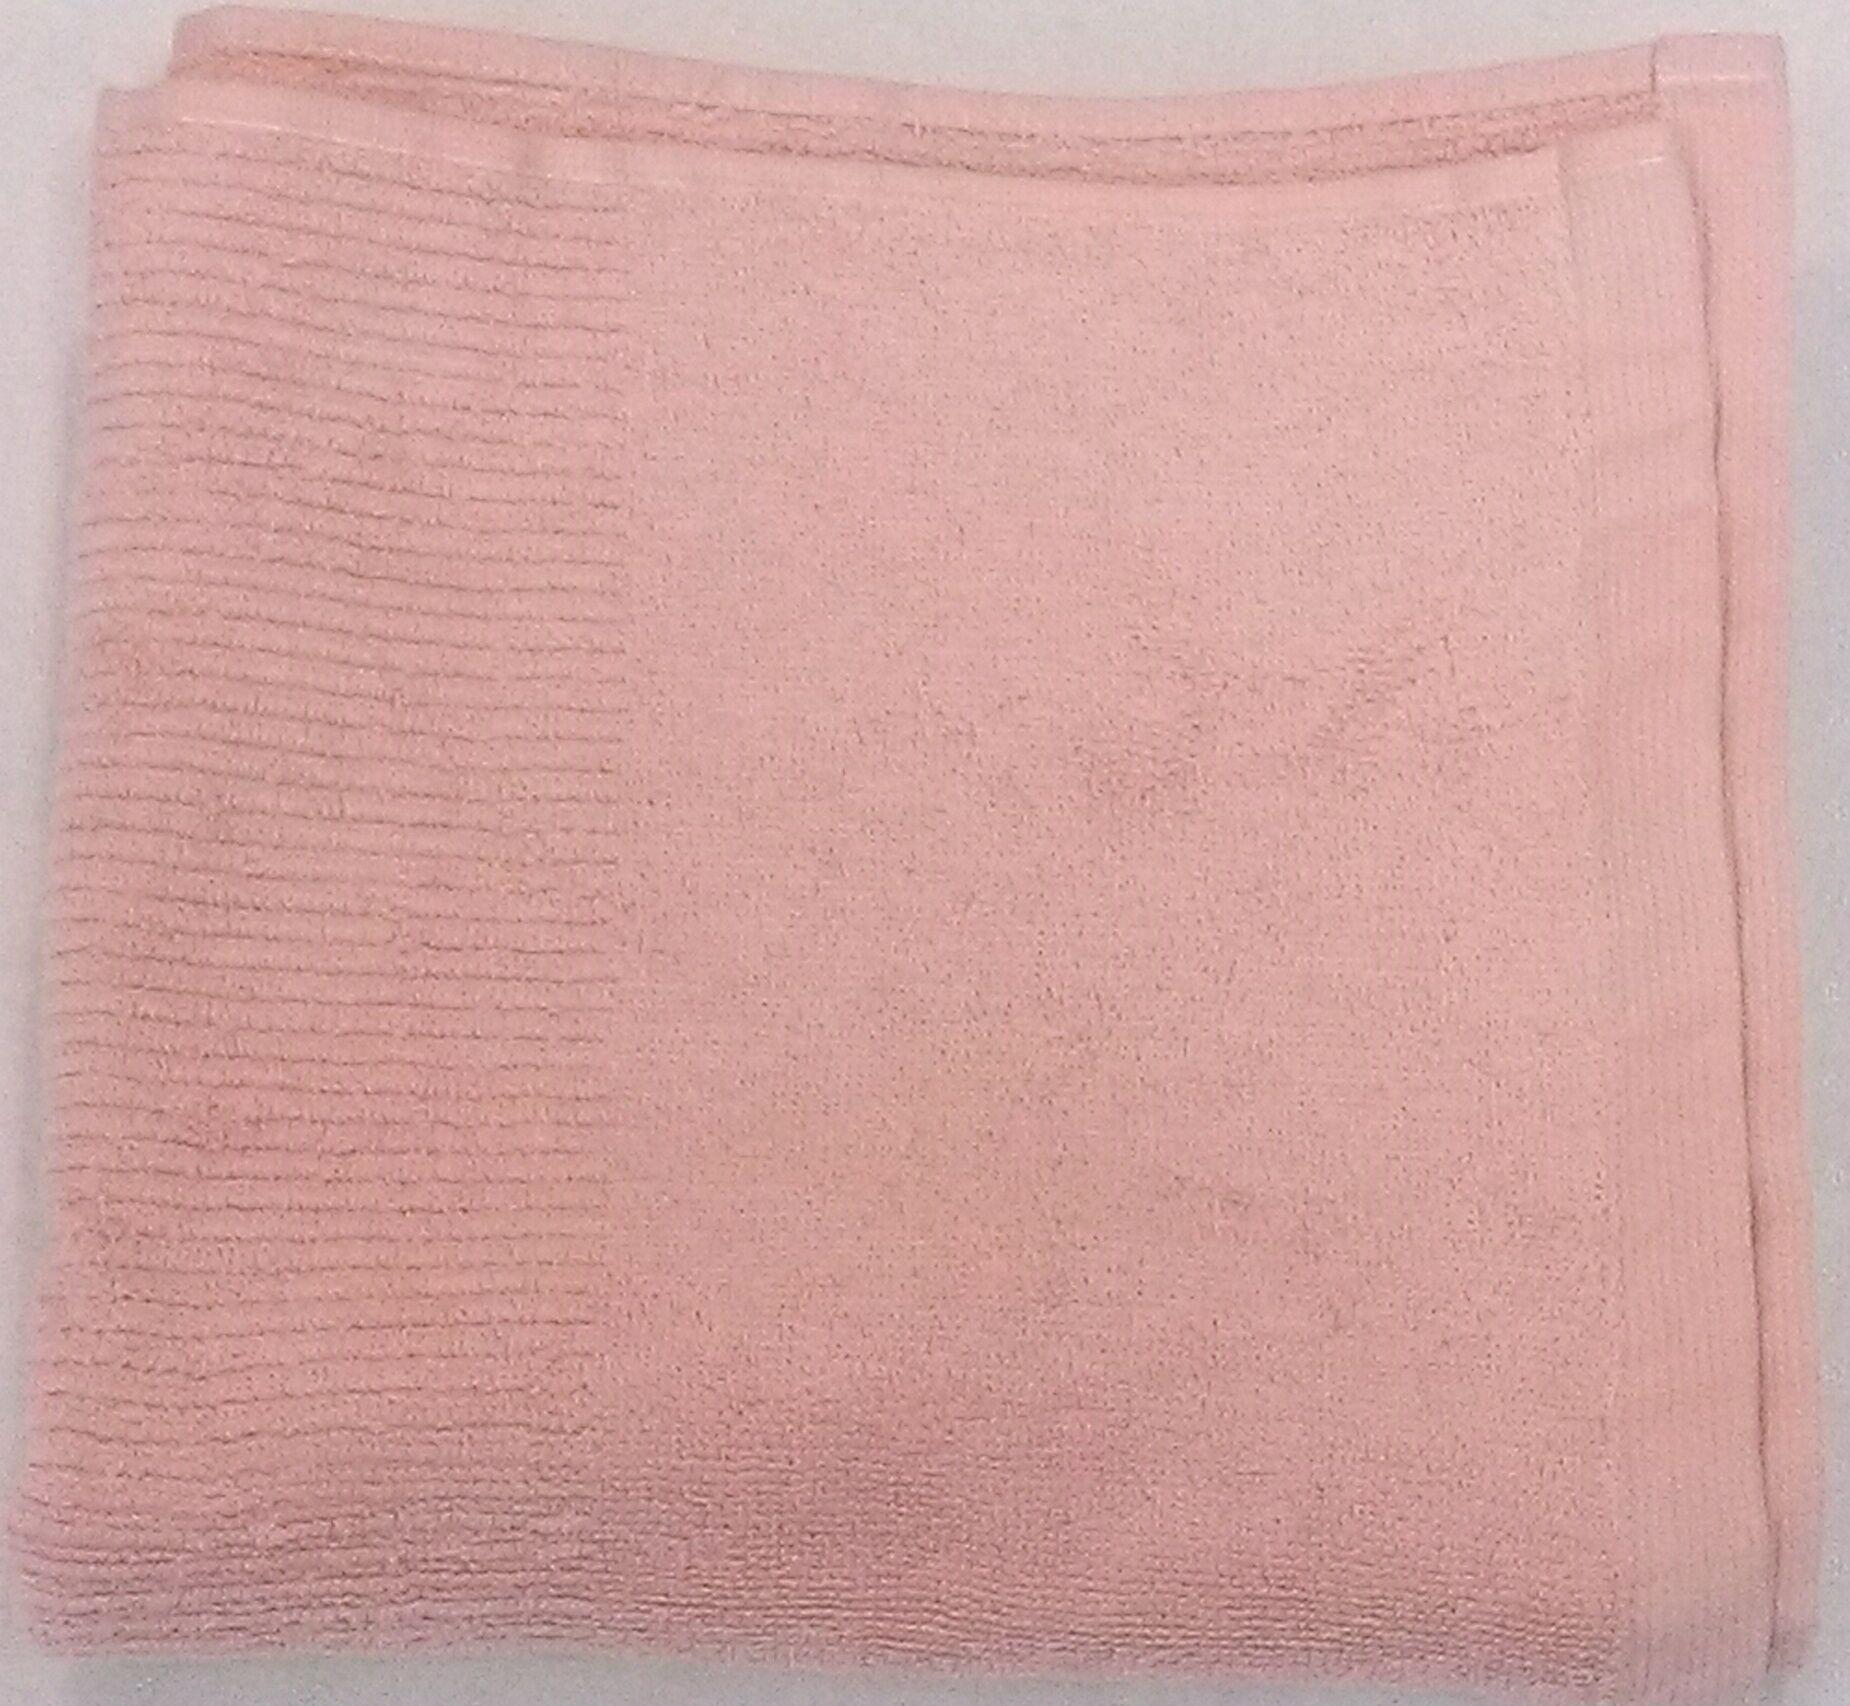 Ręcznik Sabotek 50x100 różowy Zwoltex